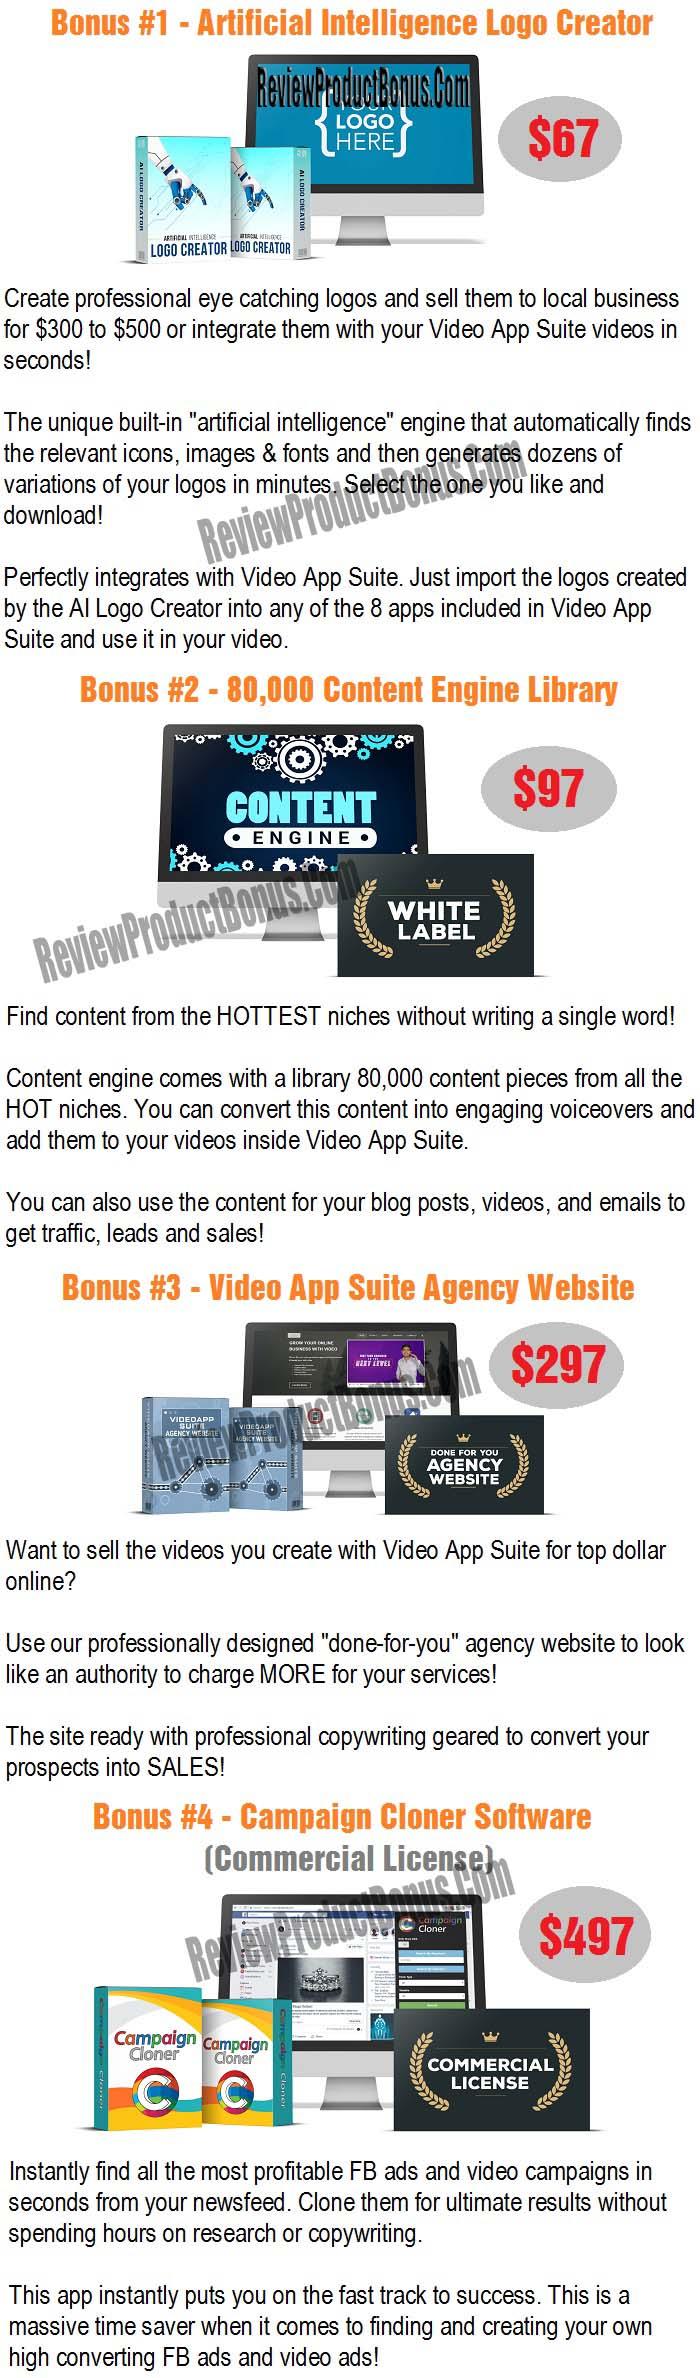 Video App Suite Bonus